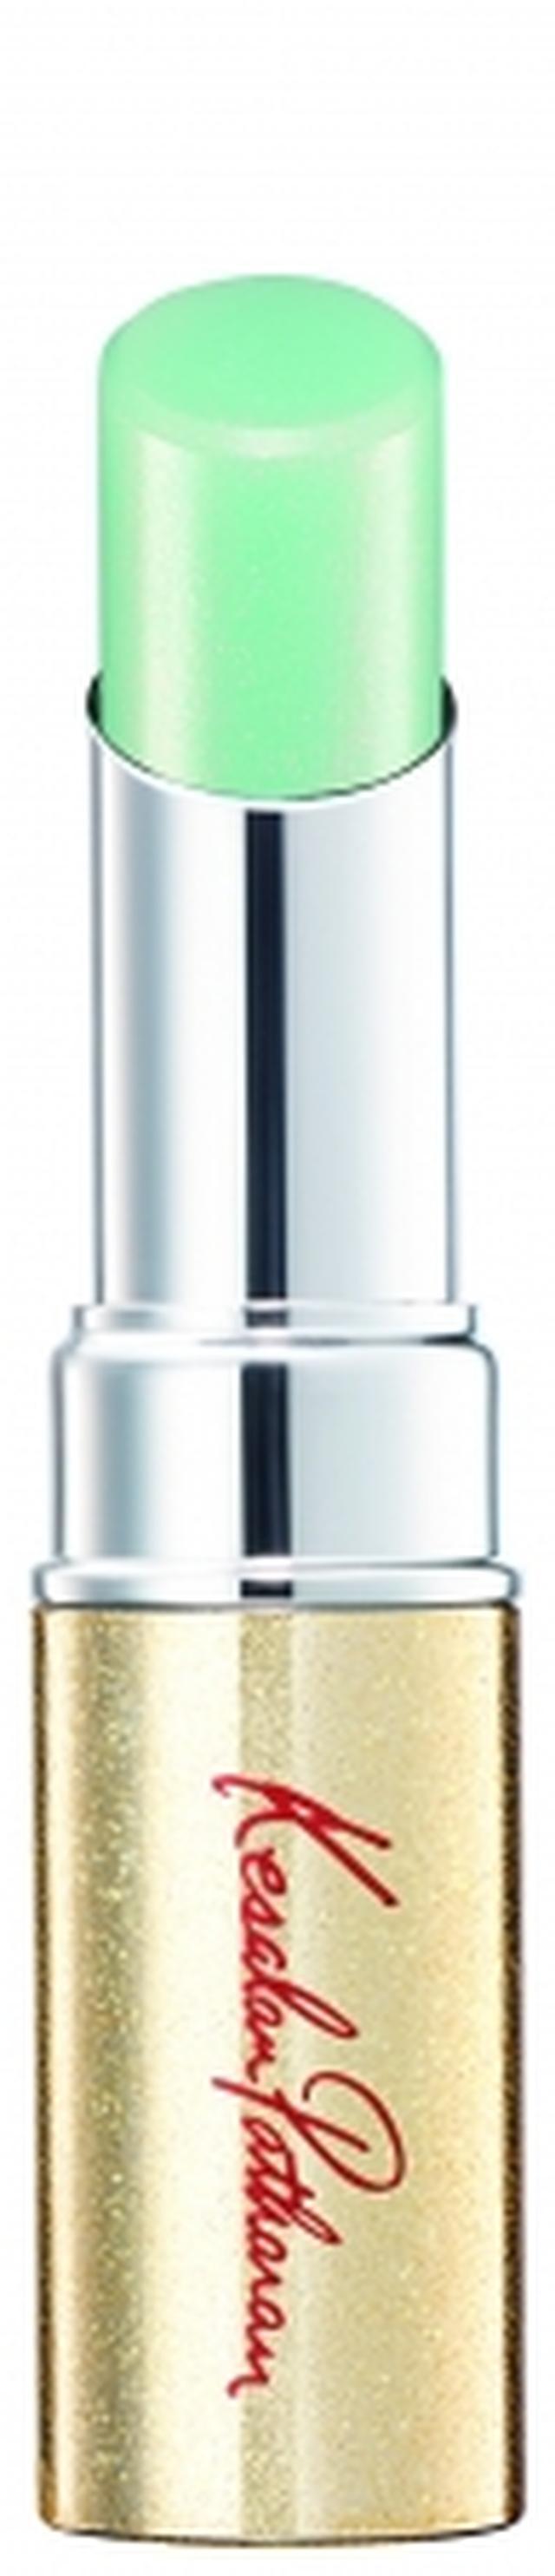 画像: 限定色<GN01(S)> スイーツにあしらわれた、爽やかに香るミントをイメージした「レディミント」。潤った艶、輝くピンクパールが、透明感とともに上品な華やかさをプラス